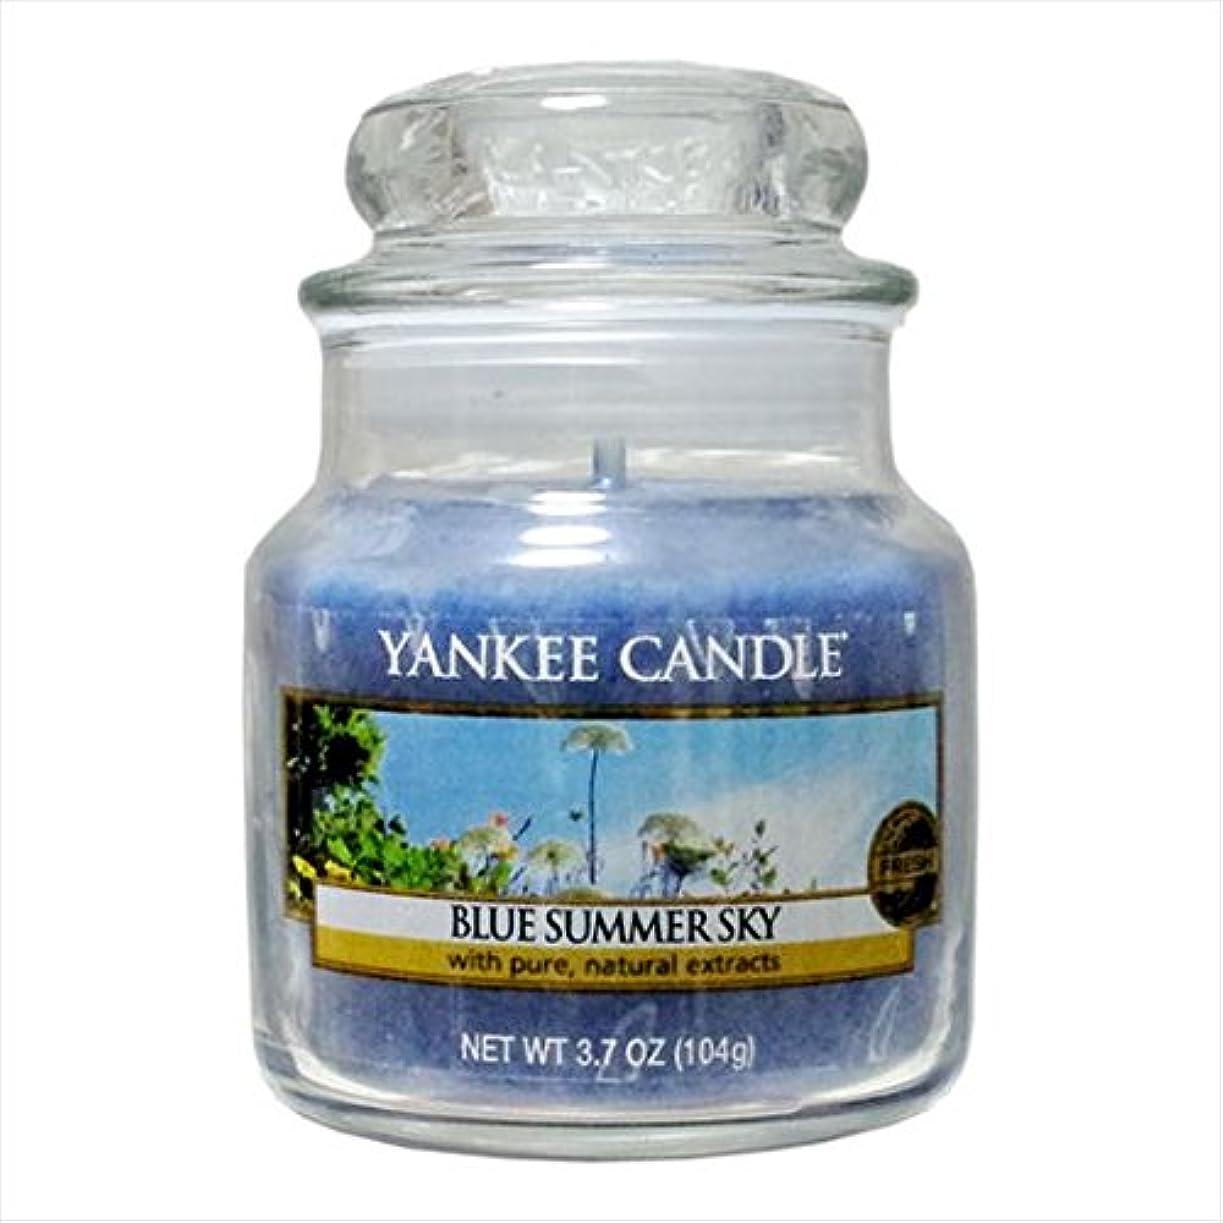 ピアニスト文化シュリンクヤンキーキャンドル(YANKEE CANDLE) YANKEE CANDLEジャーS 「 ブルーサマースカイ 」